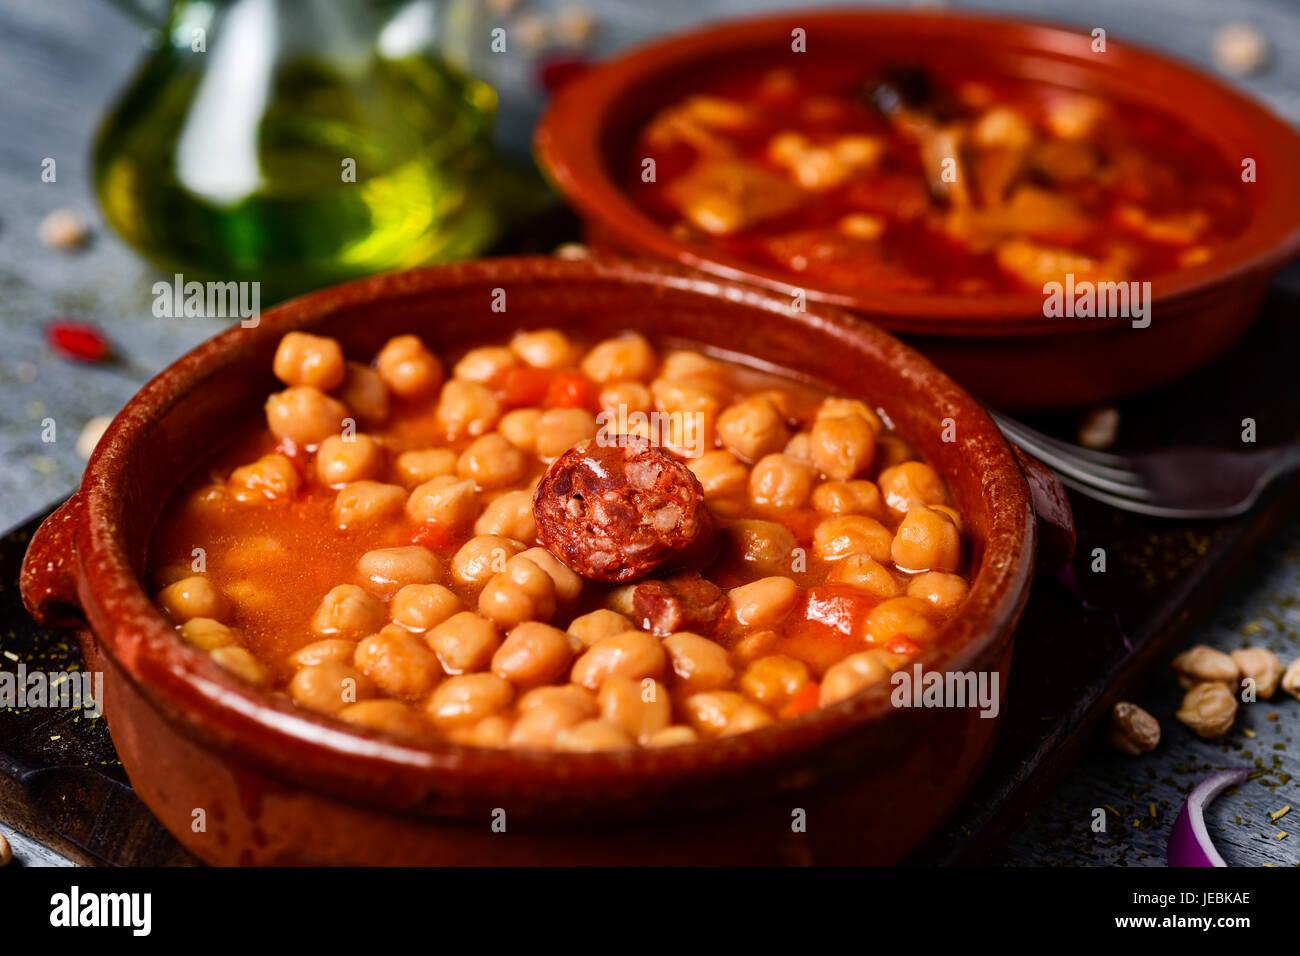 Primer plano de un recipiente de barro con el potaje de garbanzos, un potaje de garbanzos con chorizo y jamón Imagen De Stock